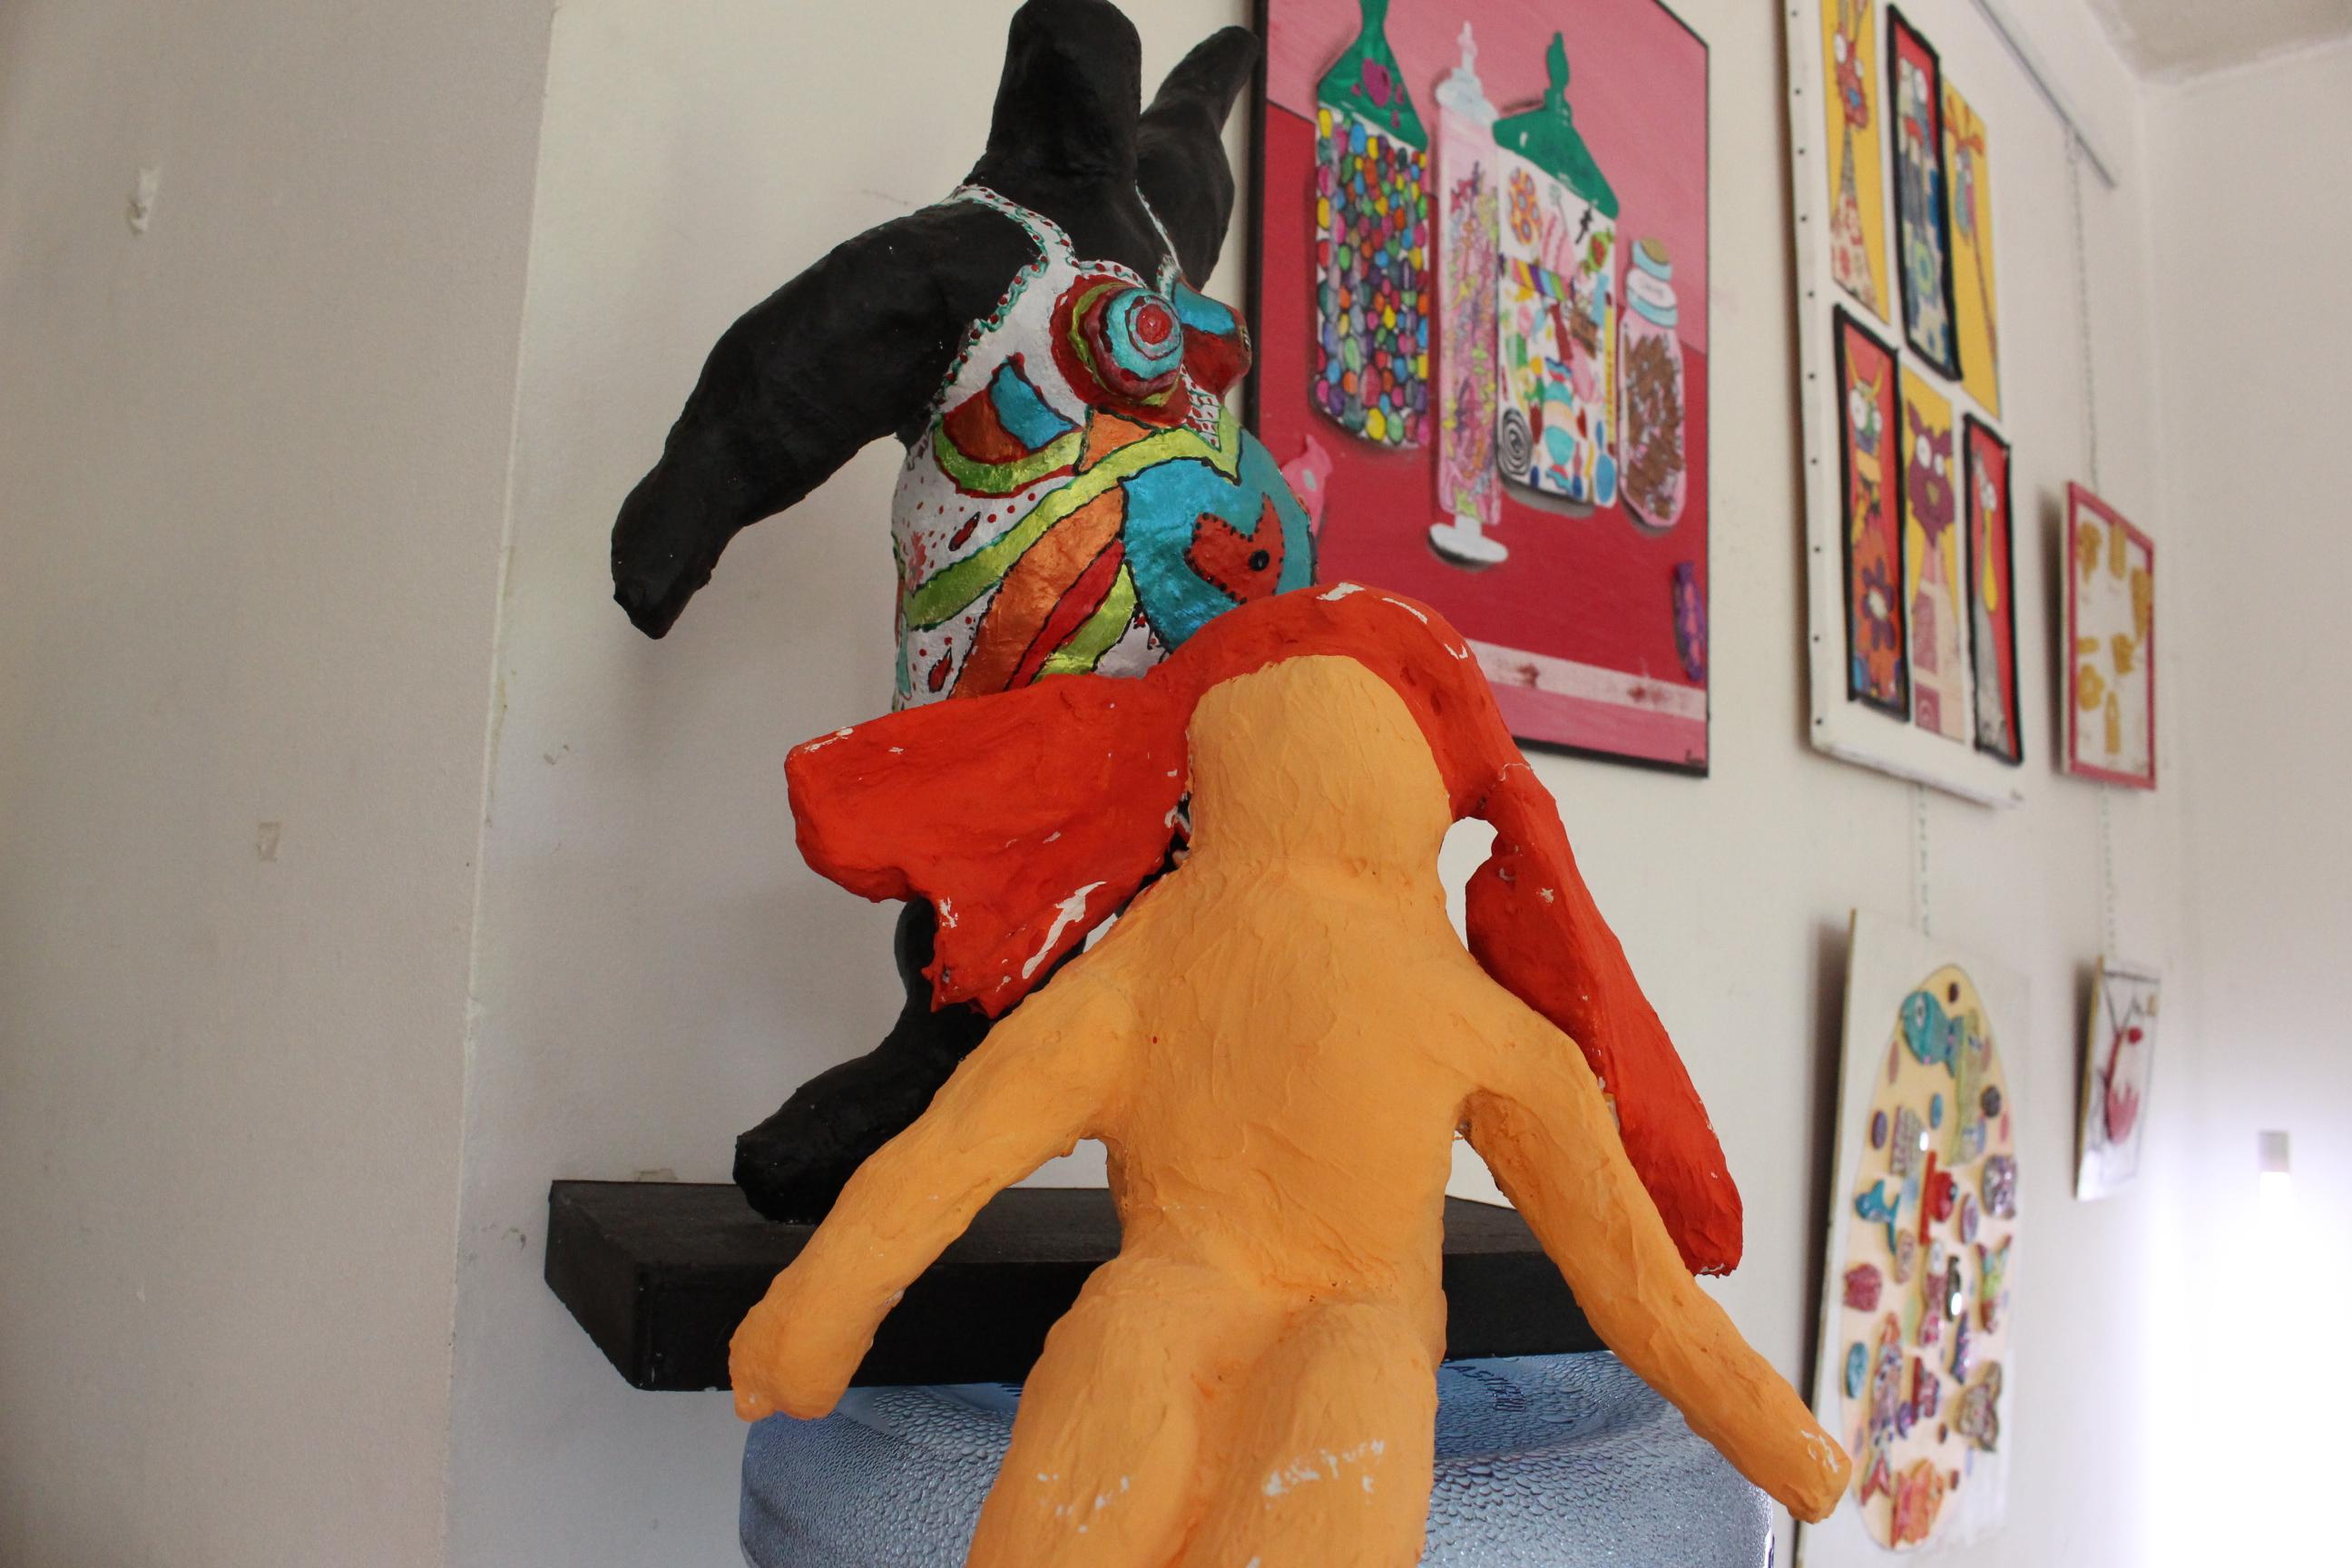 Entrez dans le monde des arts plastiques